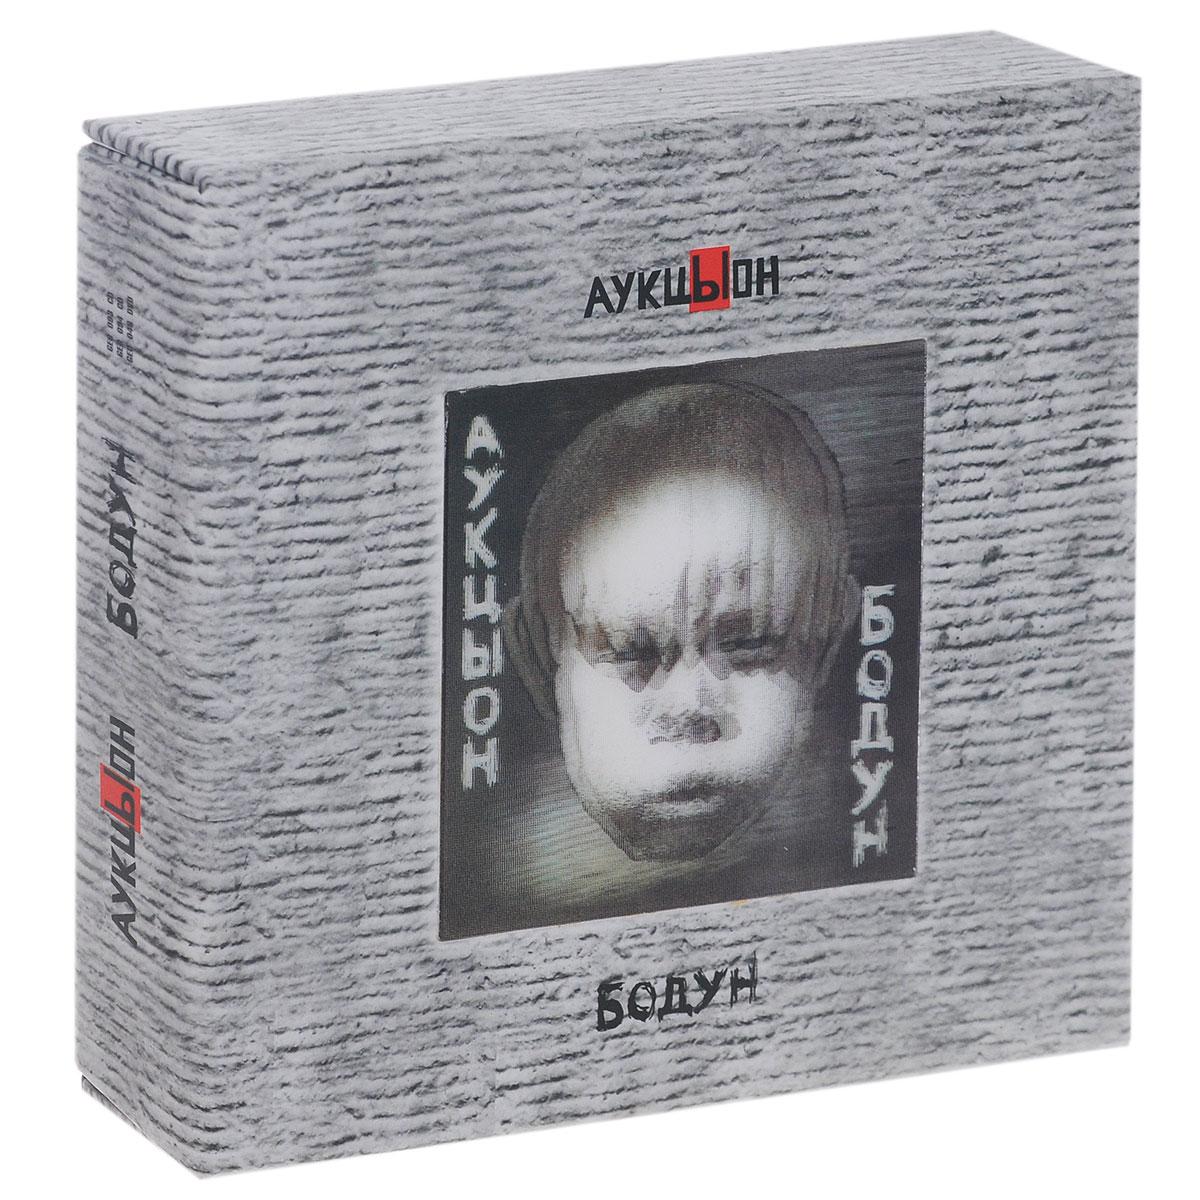 АукцЫон АукцЫон. Бодун (2 CD + DVD) аукцыон аукцыон аукцыон 2 lp